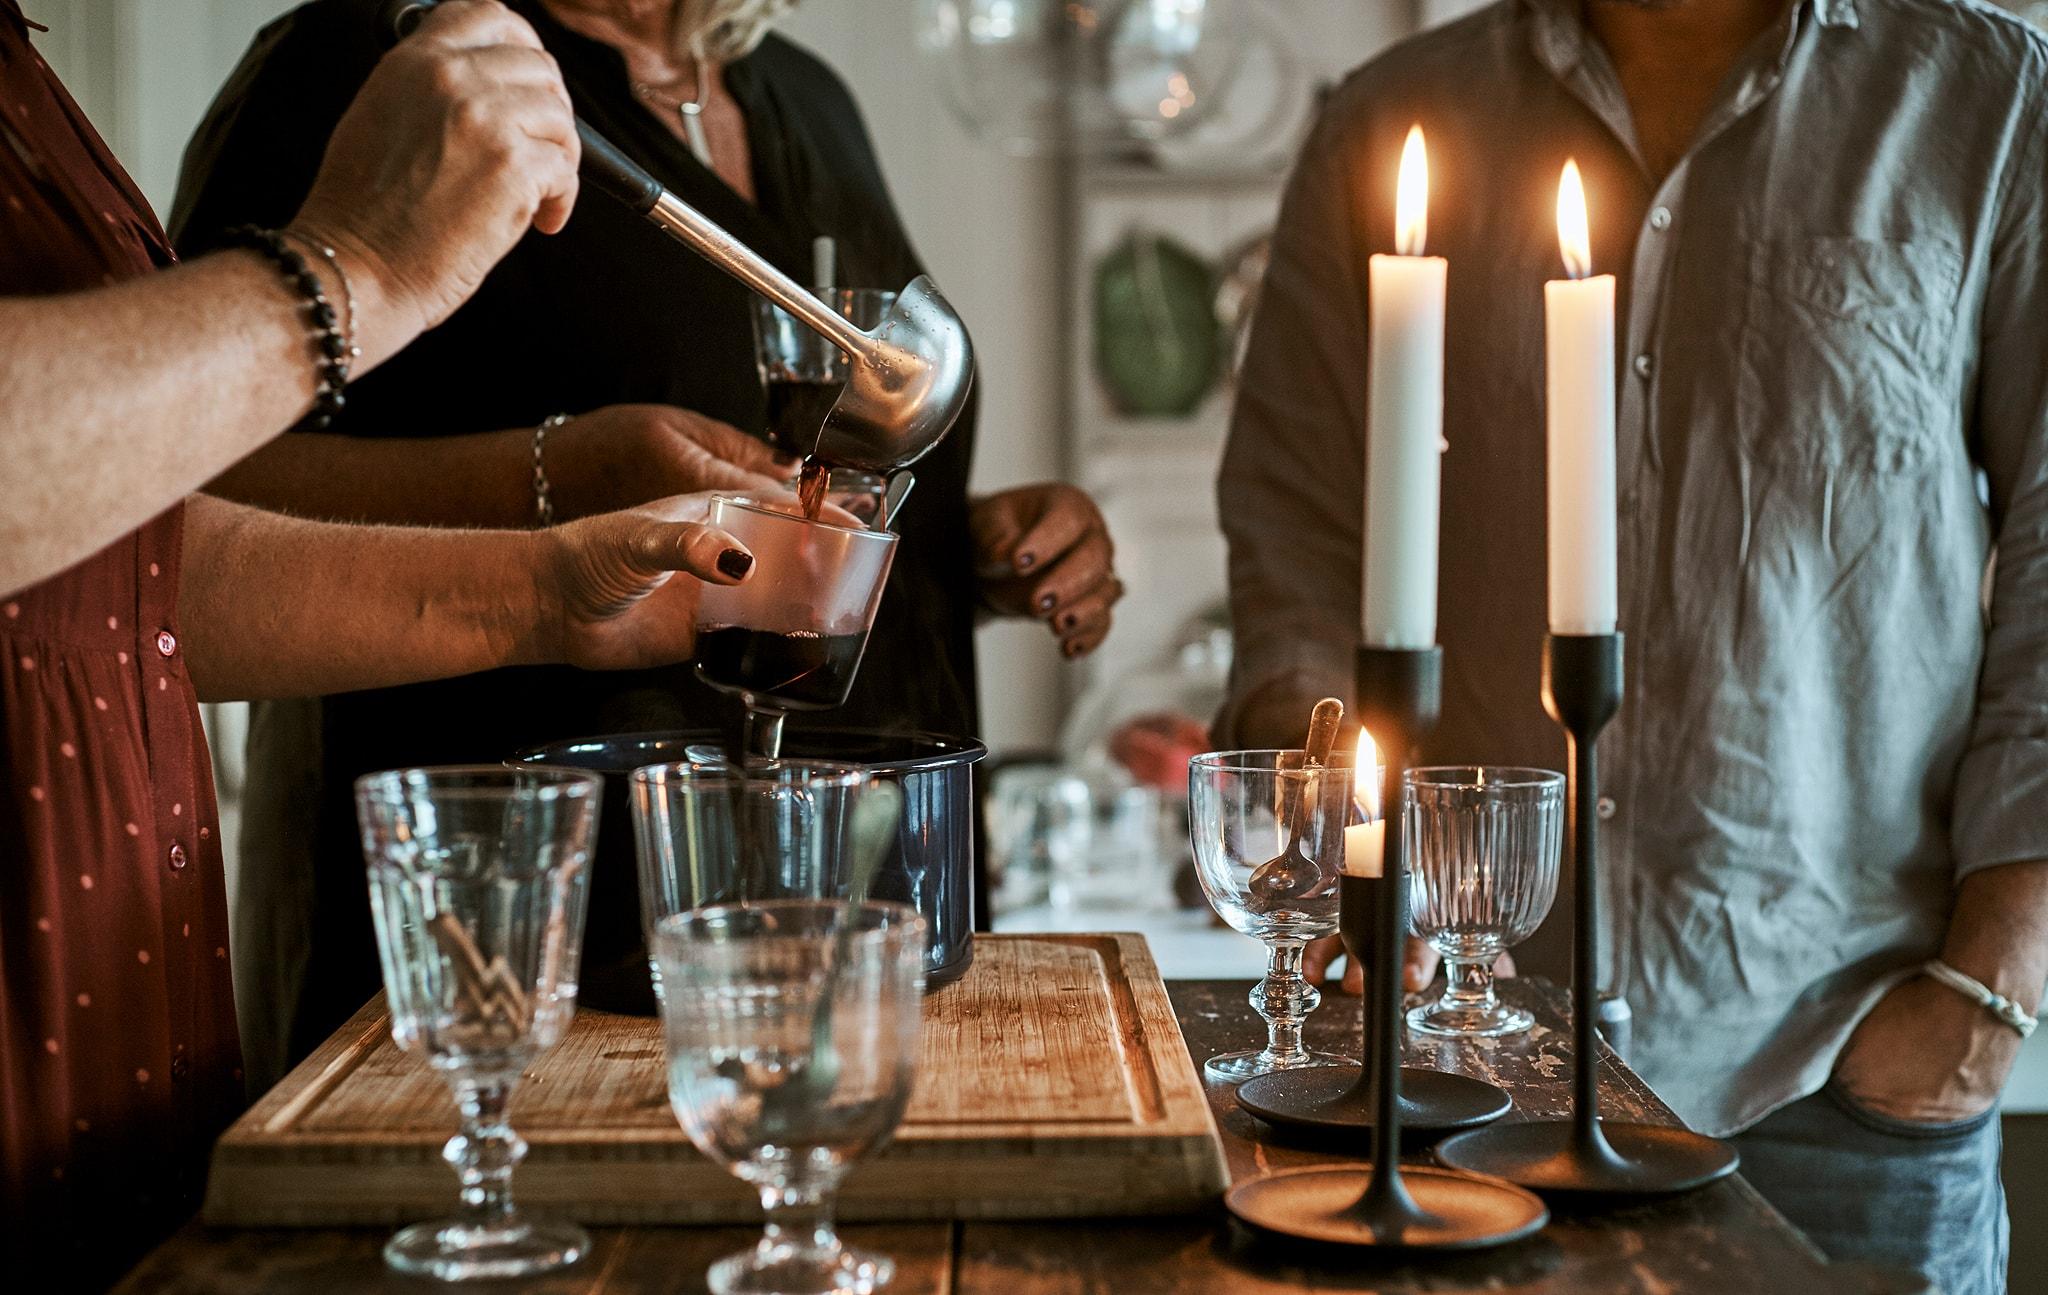 Orang-orang berdiri di meja tengah dapur dengan gelas-gelas dan lilin-lilin yang menyala dan sepanci minuman panas, seseorang menyendok minuman ke gelas.